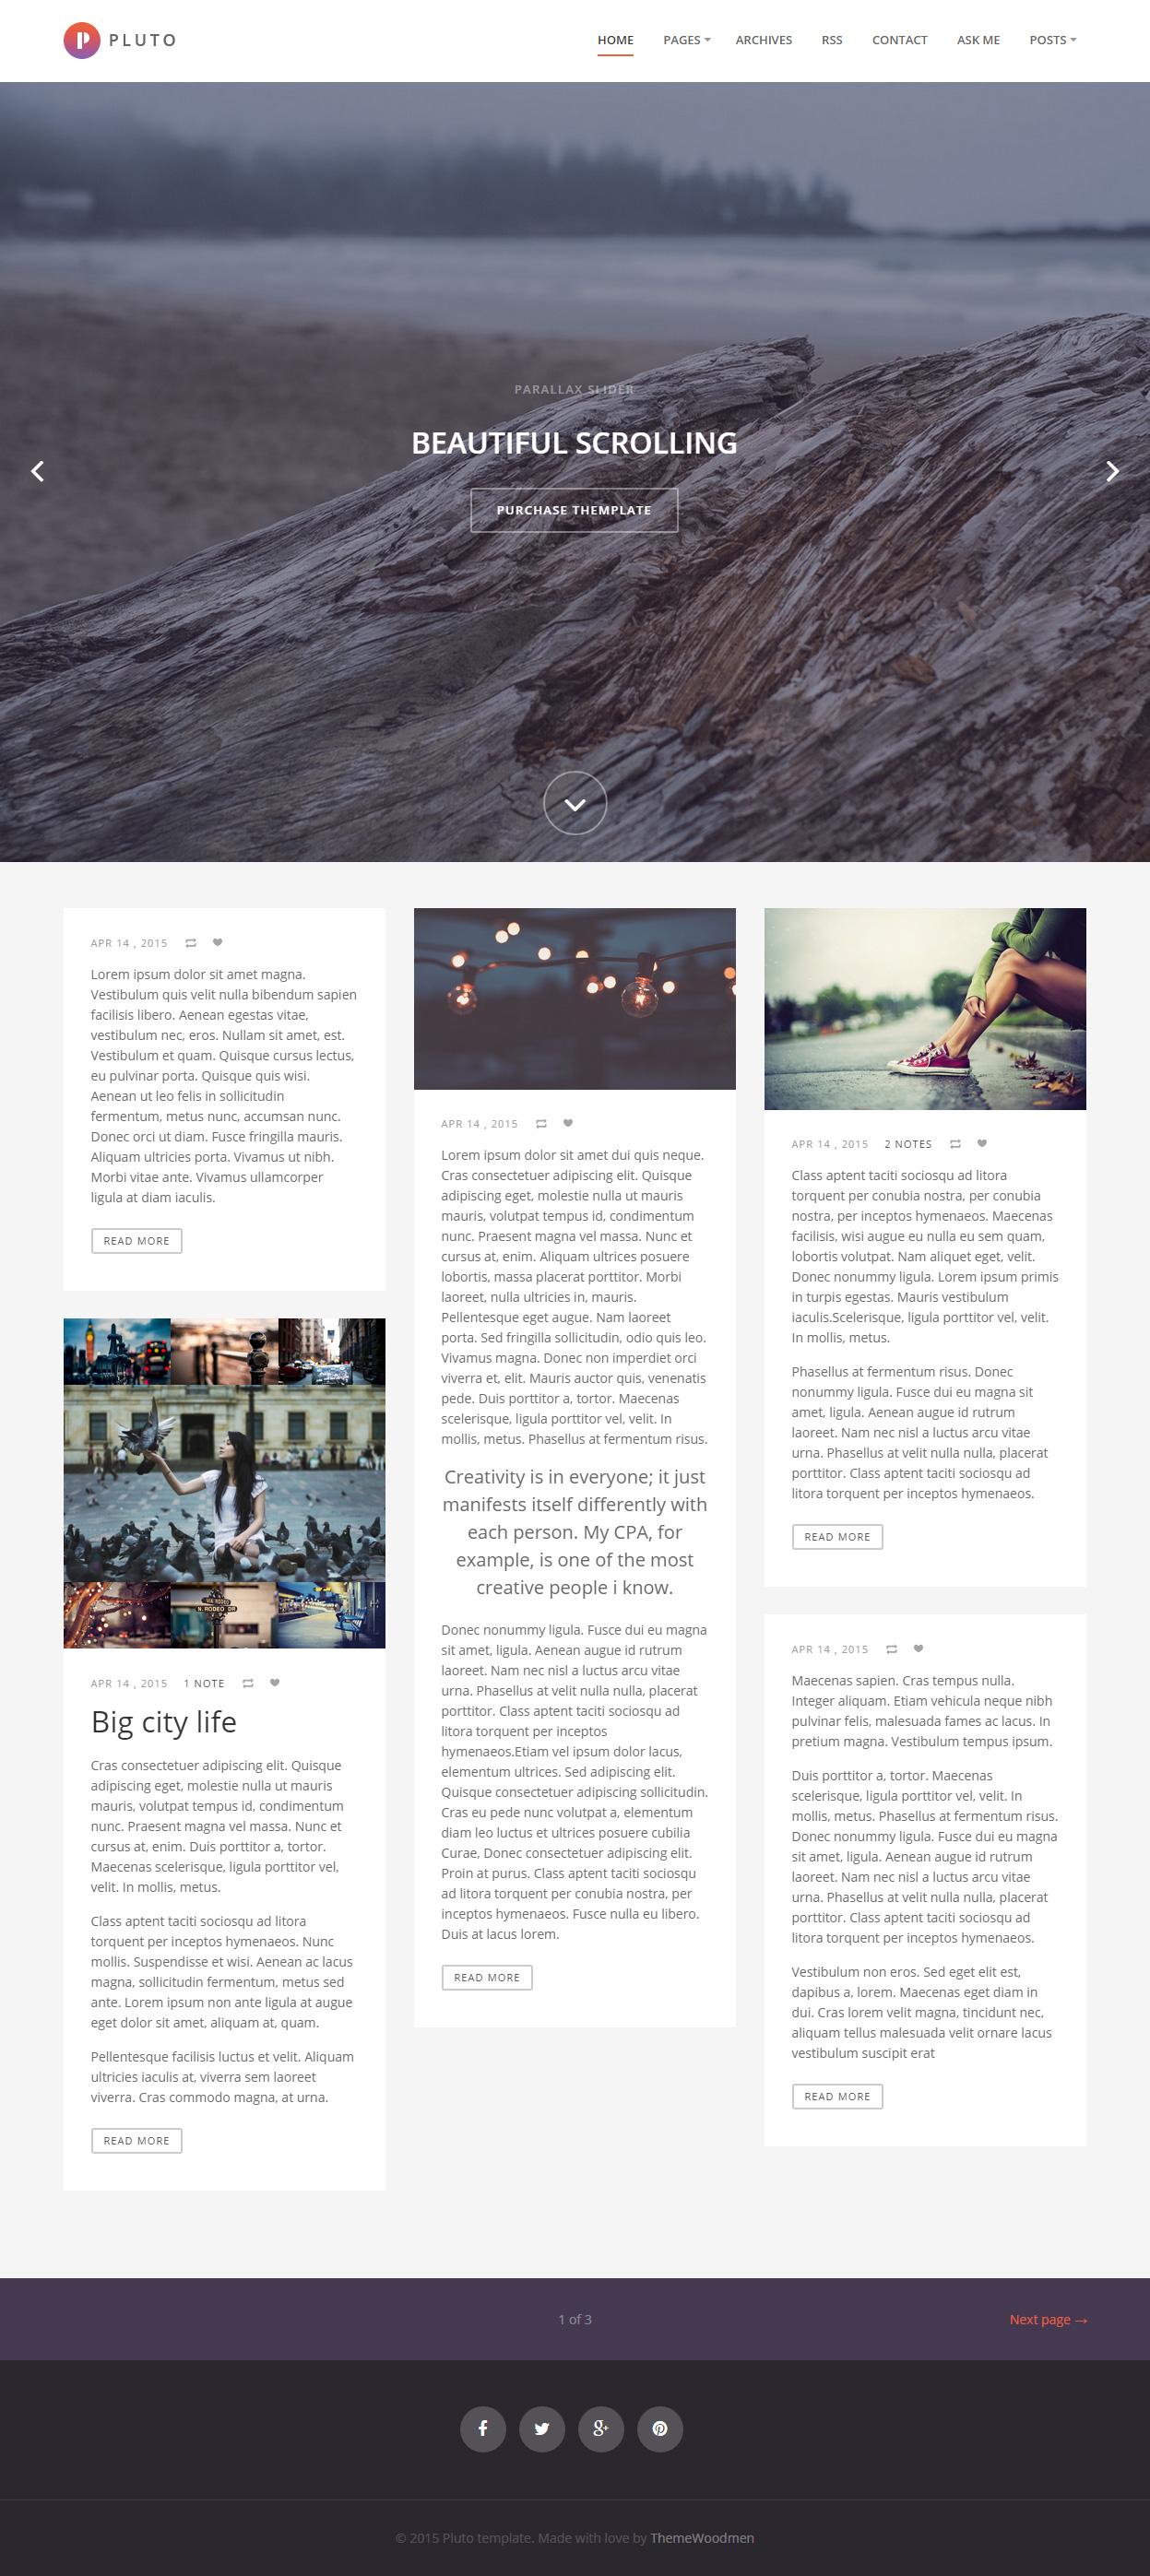 Pluto - Premium Responsive Minimal Tumblr Blog Theme